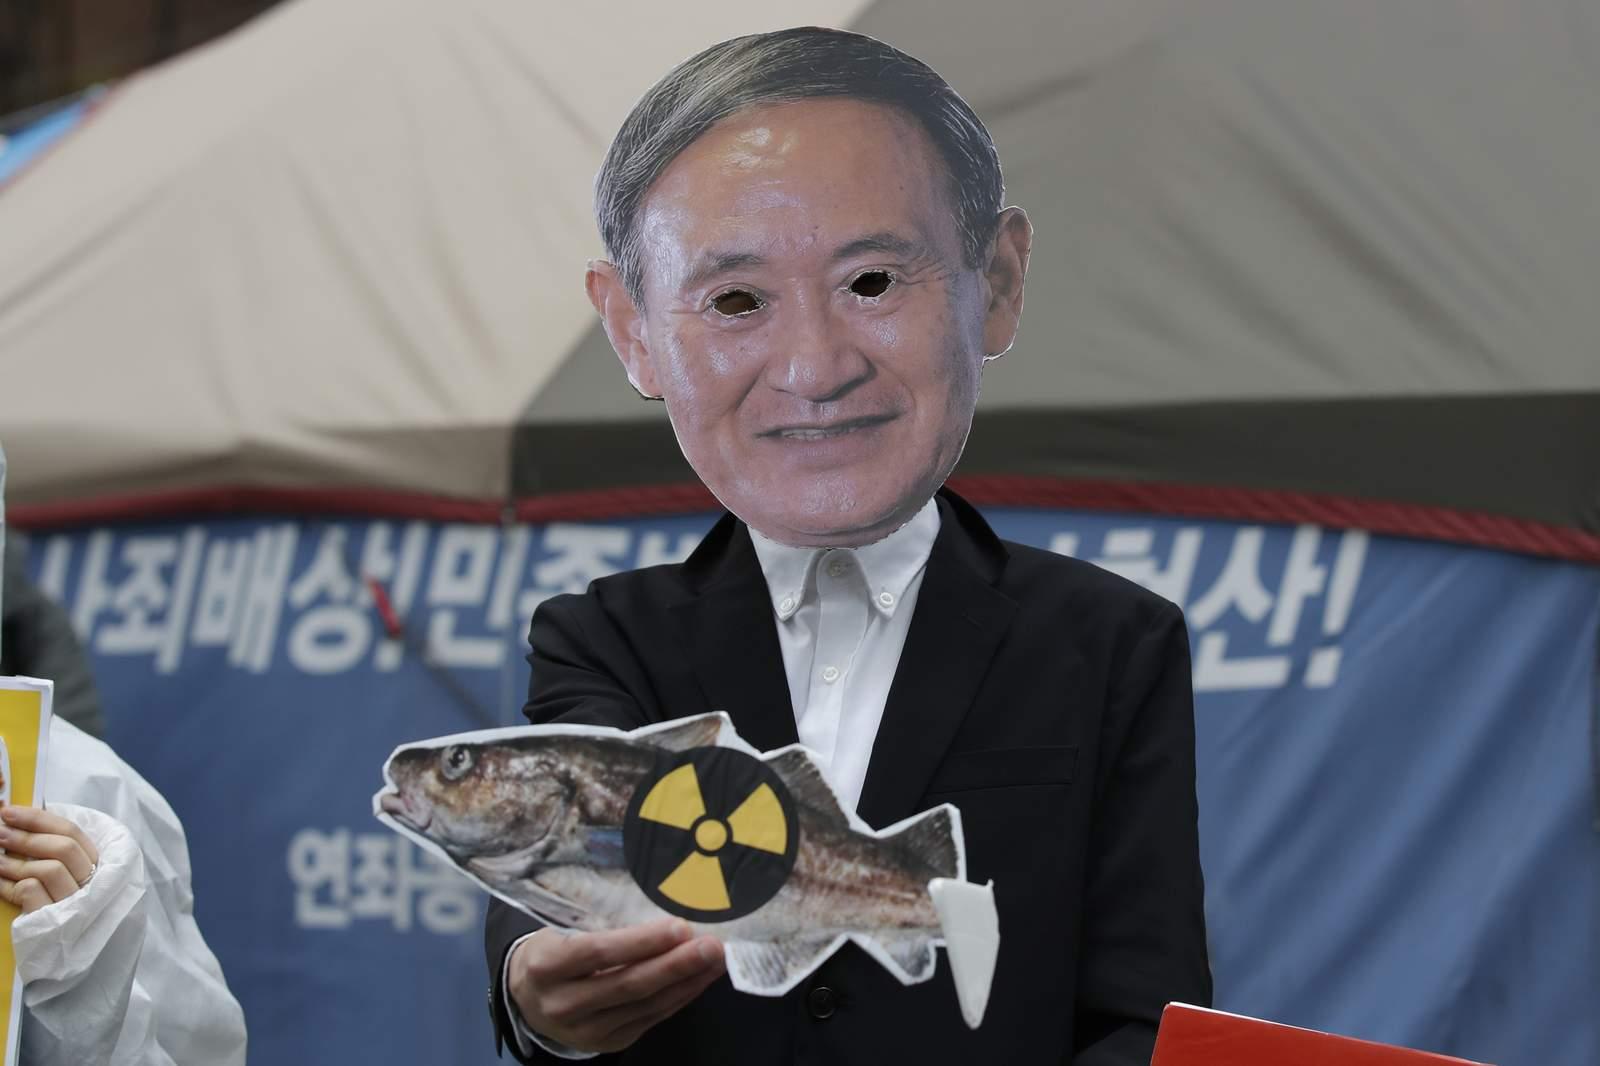 Japón comenzará a liberar agua de Fukushima en el mar en 2 años